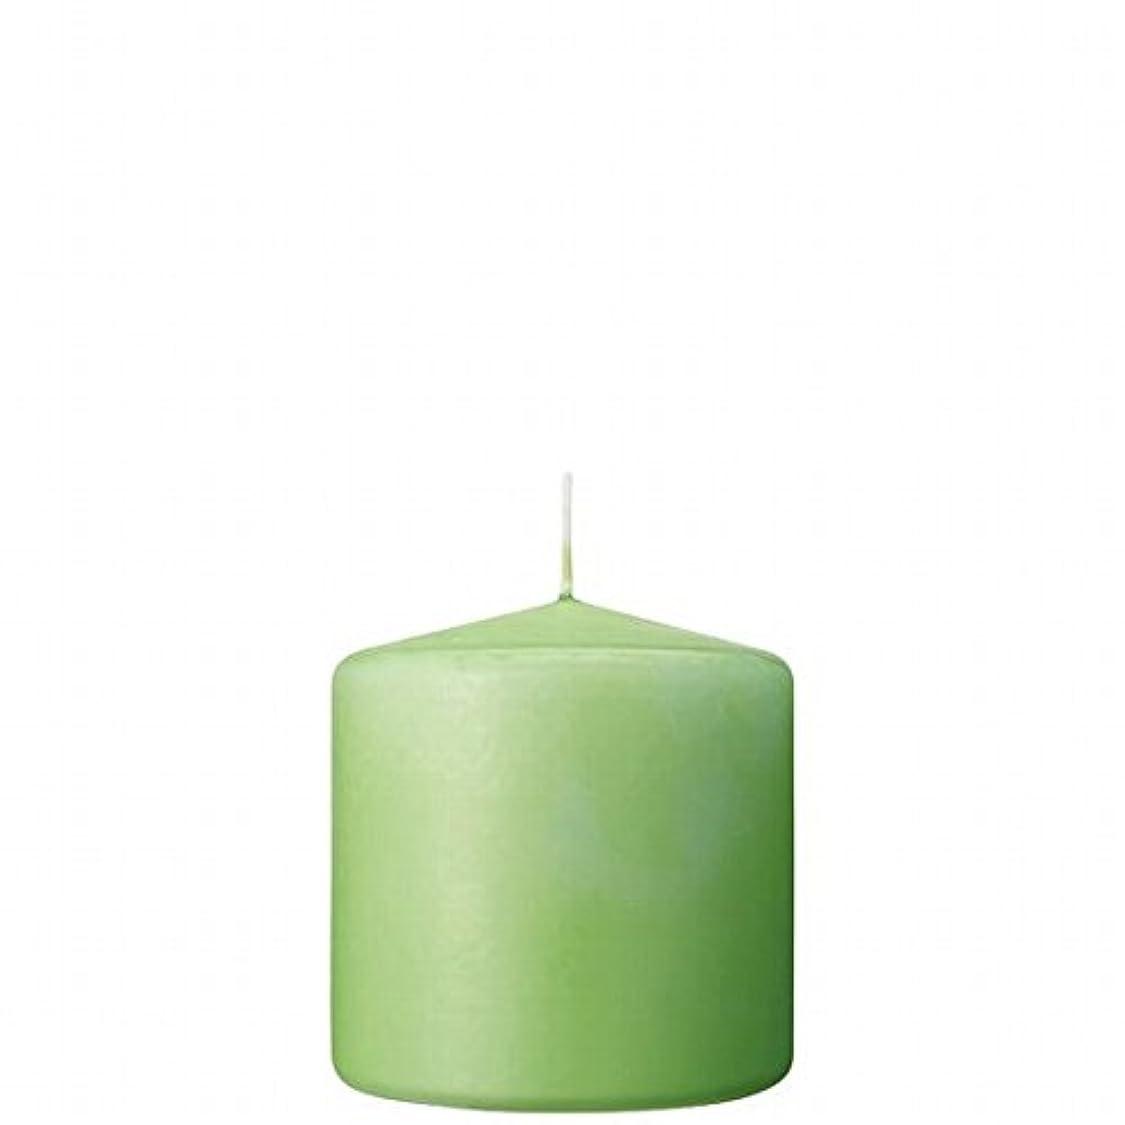 権利を与える鬼ごっこモンキーカメヤマキャンドル(kameyama candle) 3×3ベルトップピラーキャンドル 「 ライム 」